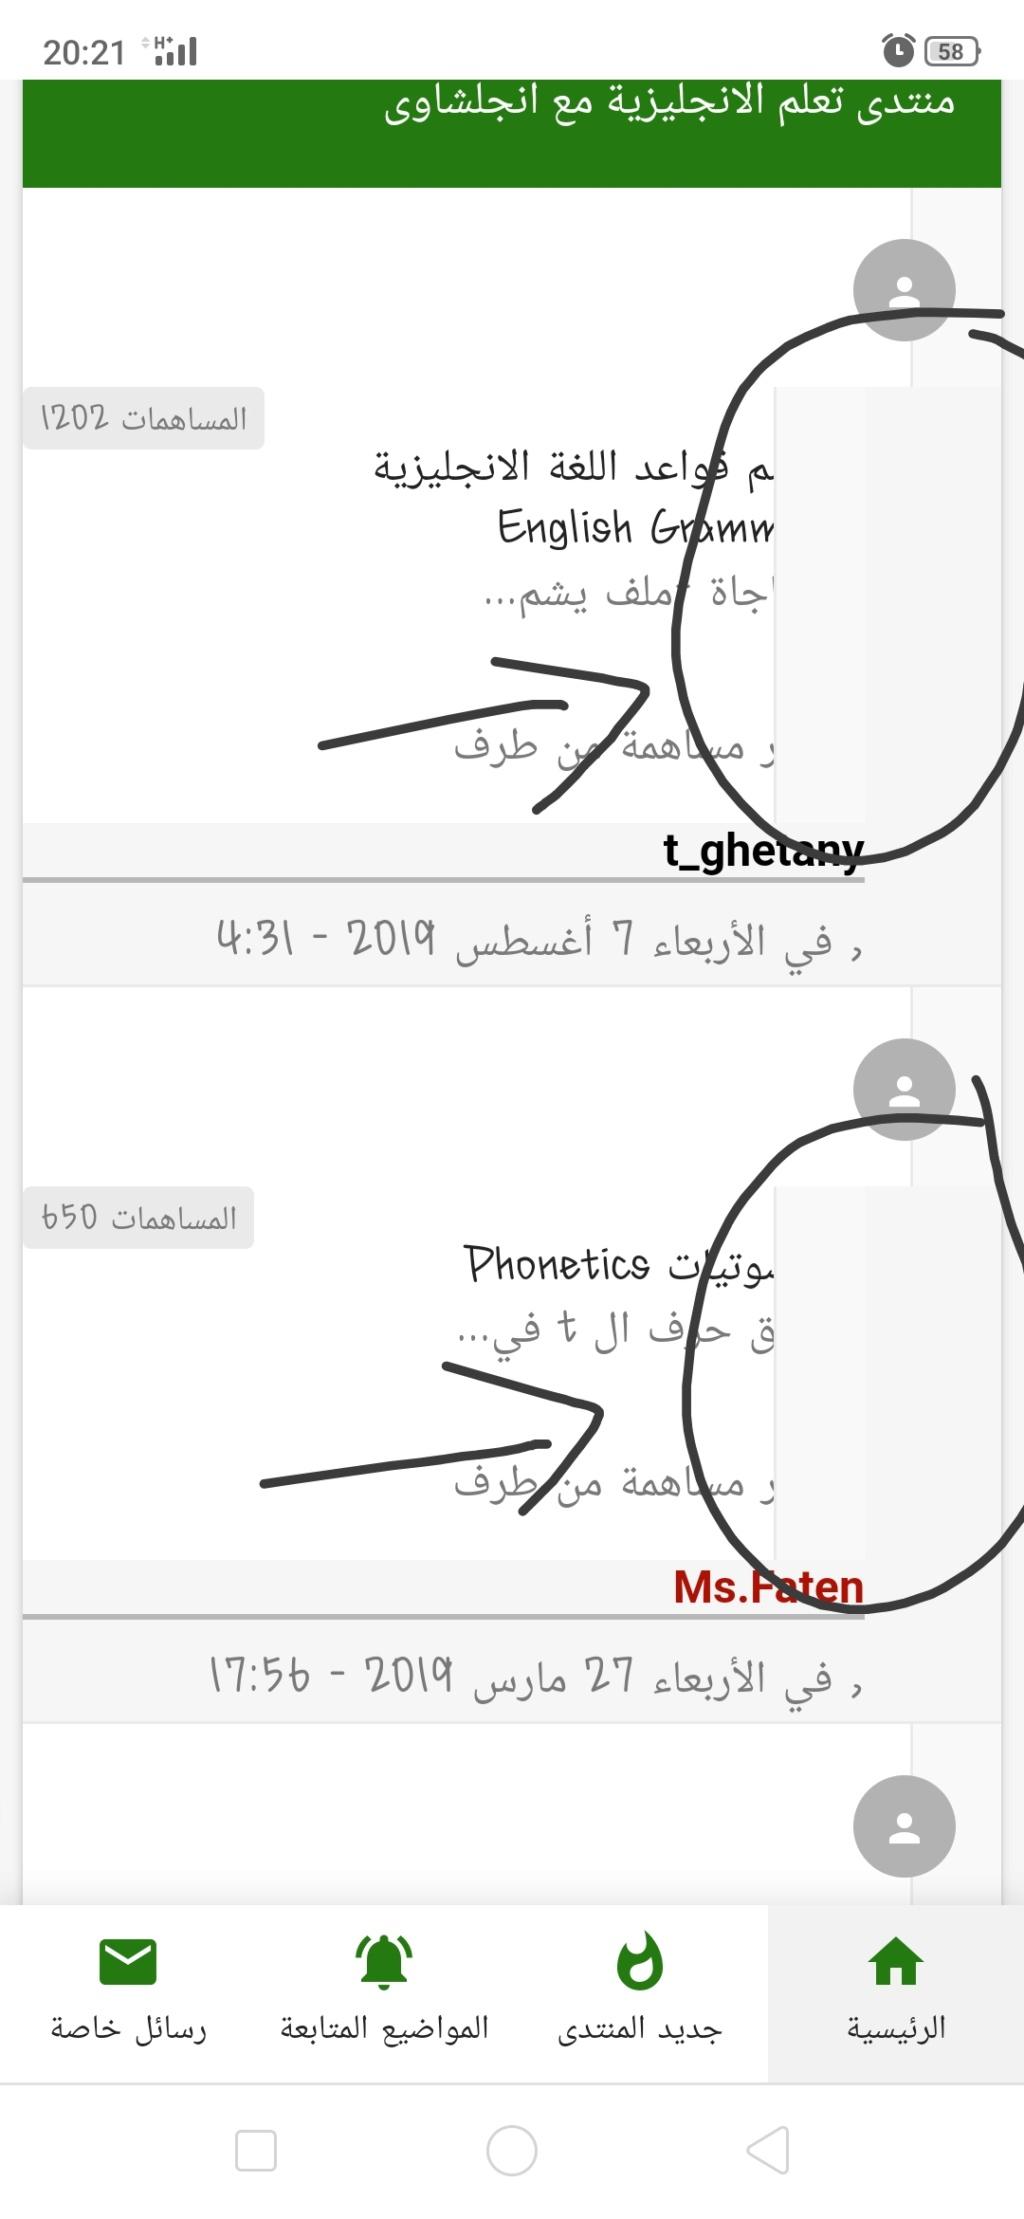 مشكلة في شكل المنتدى نسخة الجوال Img_2011